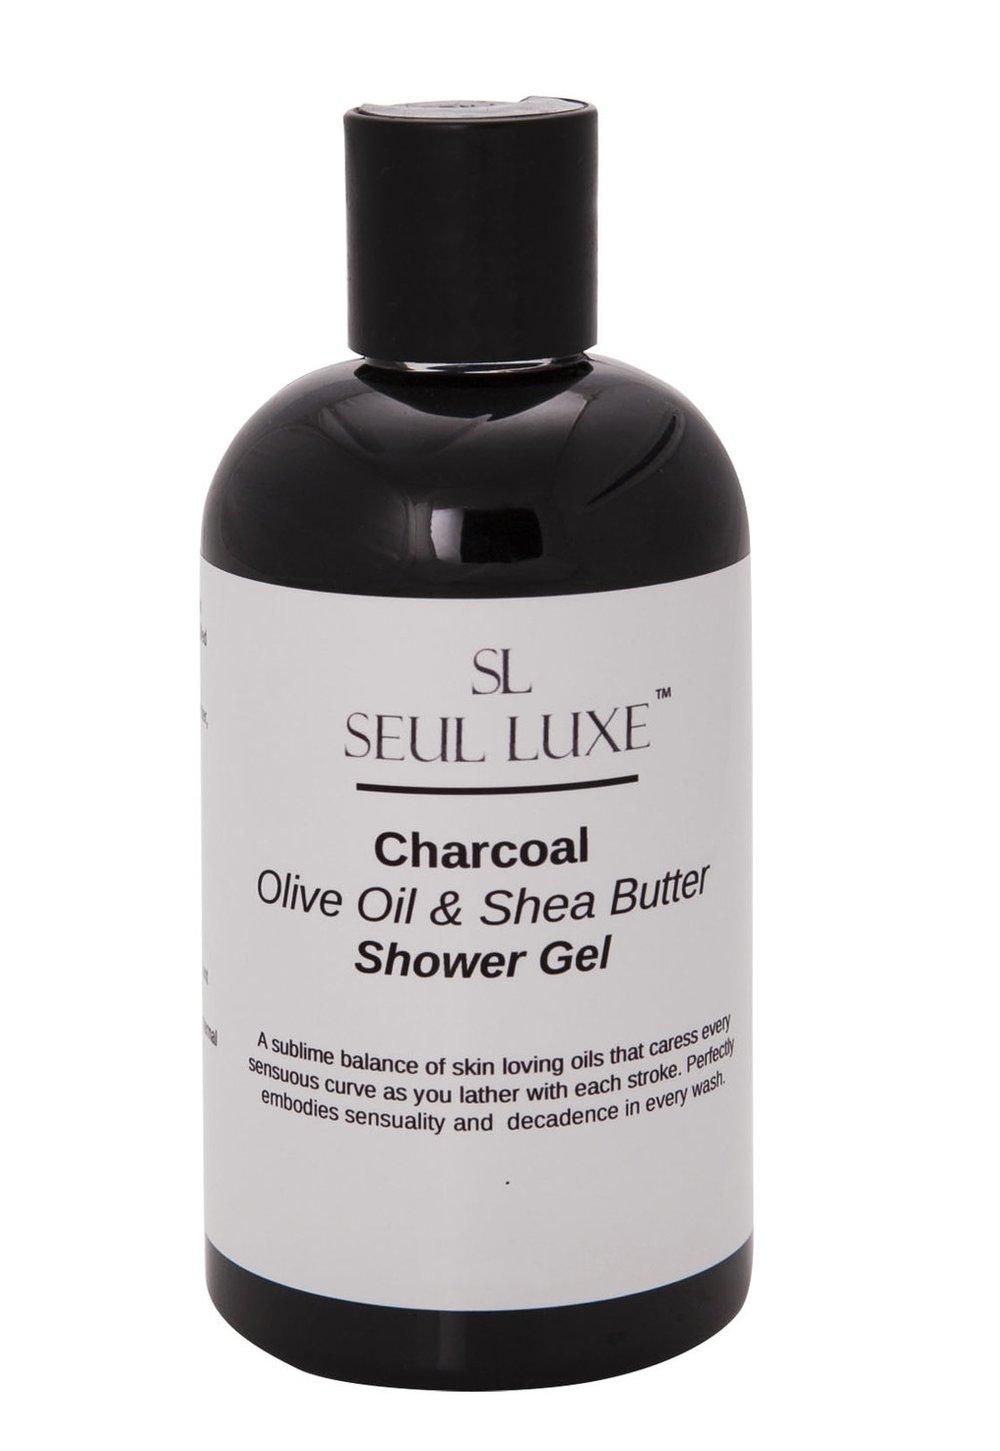 Seul Luxe Charcoal Shower Gel.jpg